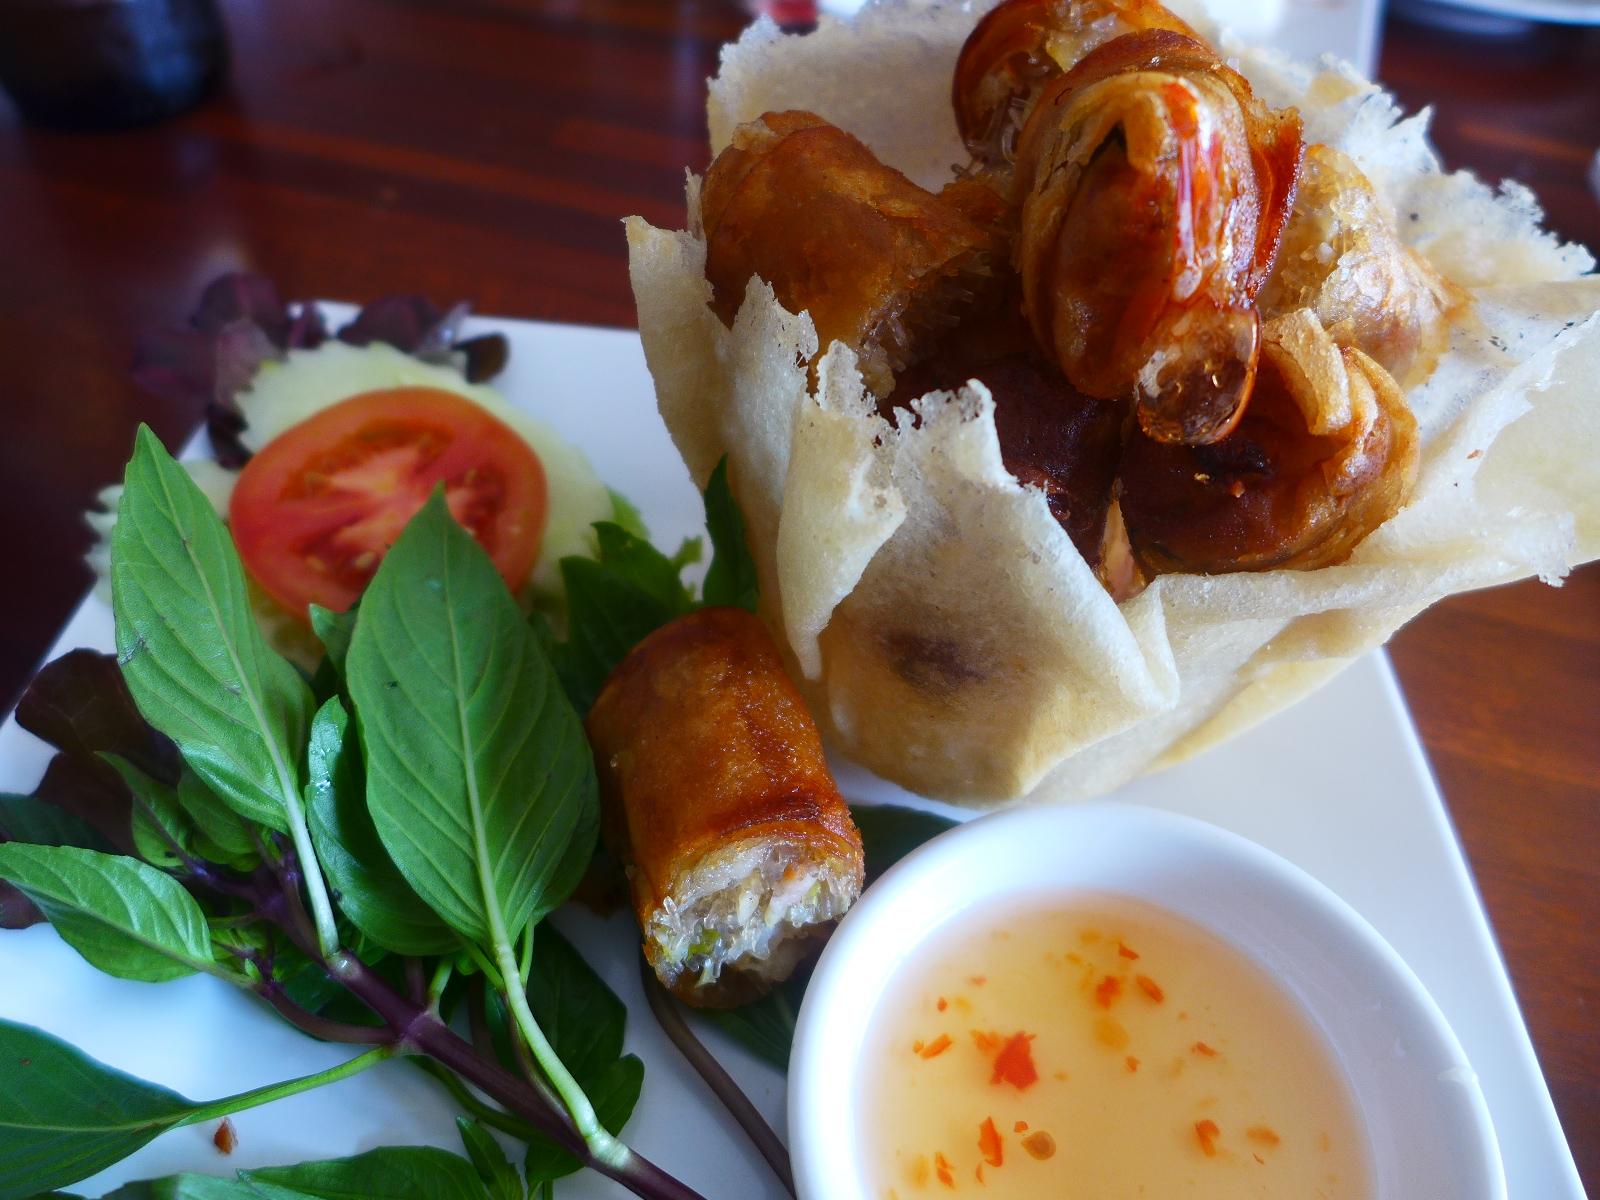 画像2: 本日のランチはタイのパタヤにあるレストラン「メーシールアン・レストラン」に行きました。 詳細は後ほど・・・ emunoranchi.com